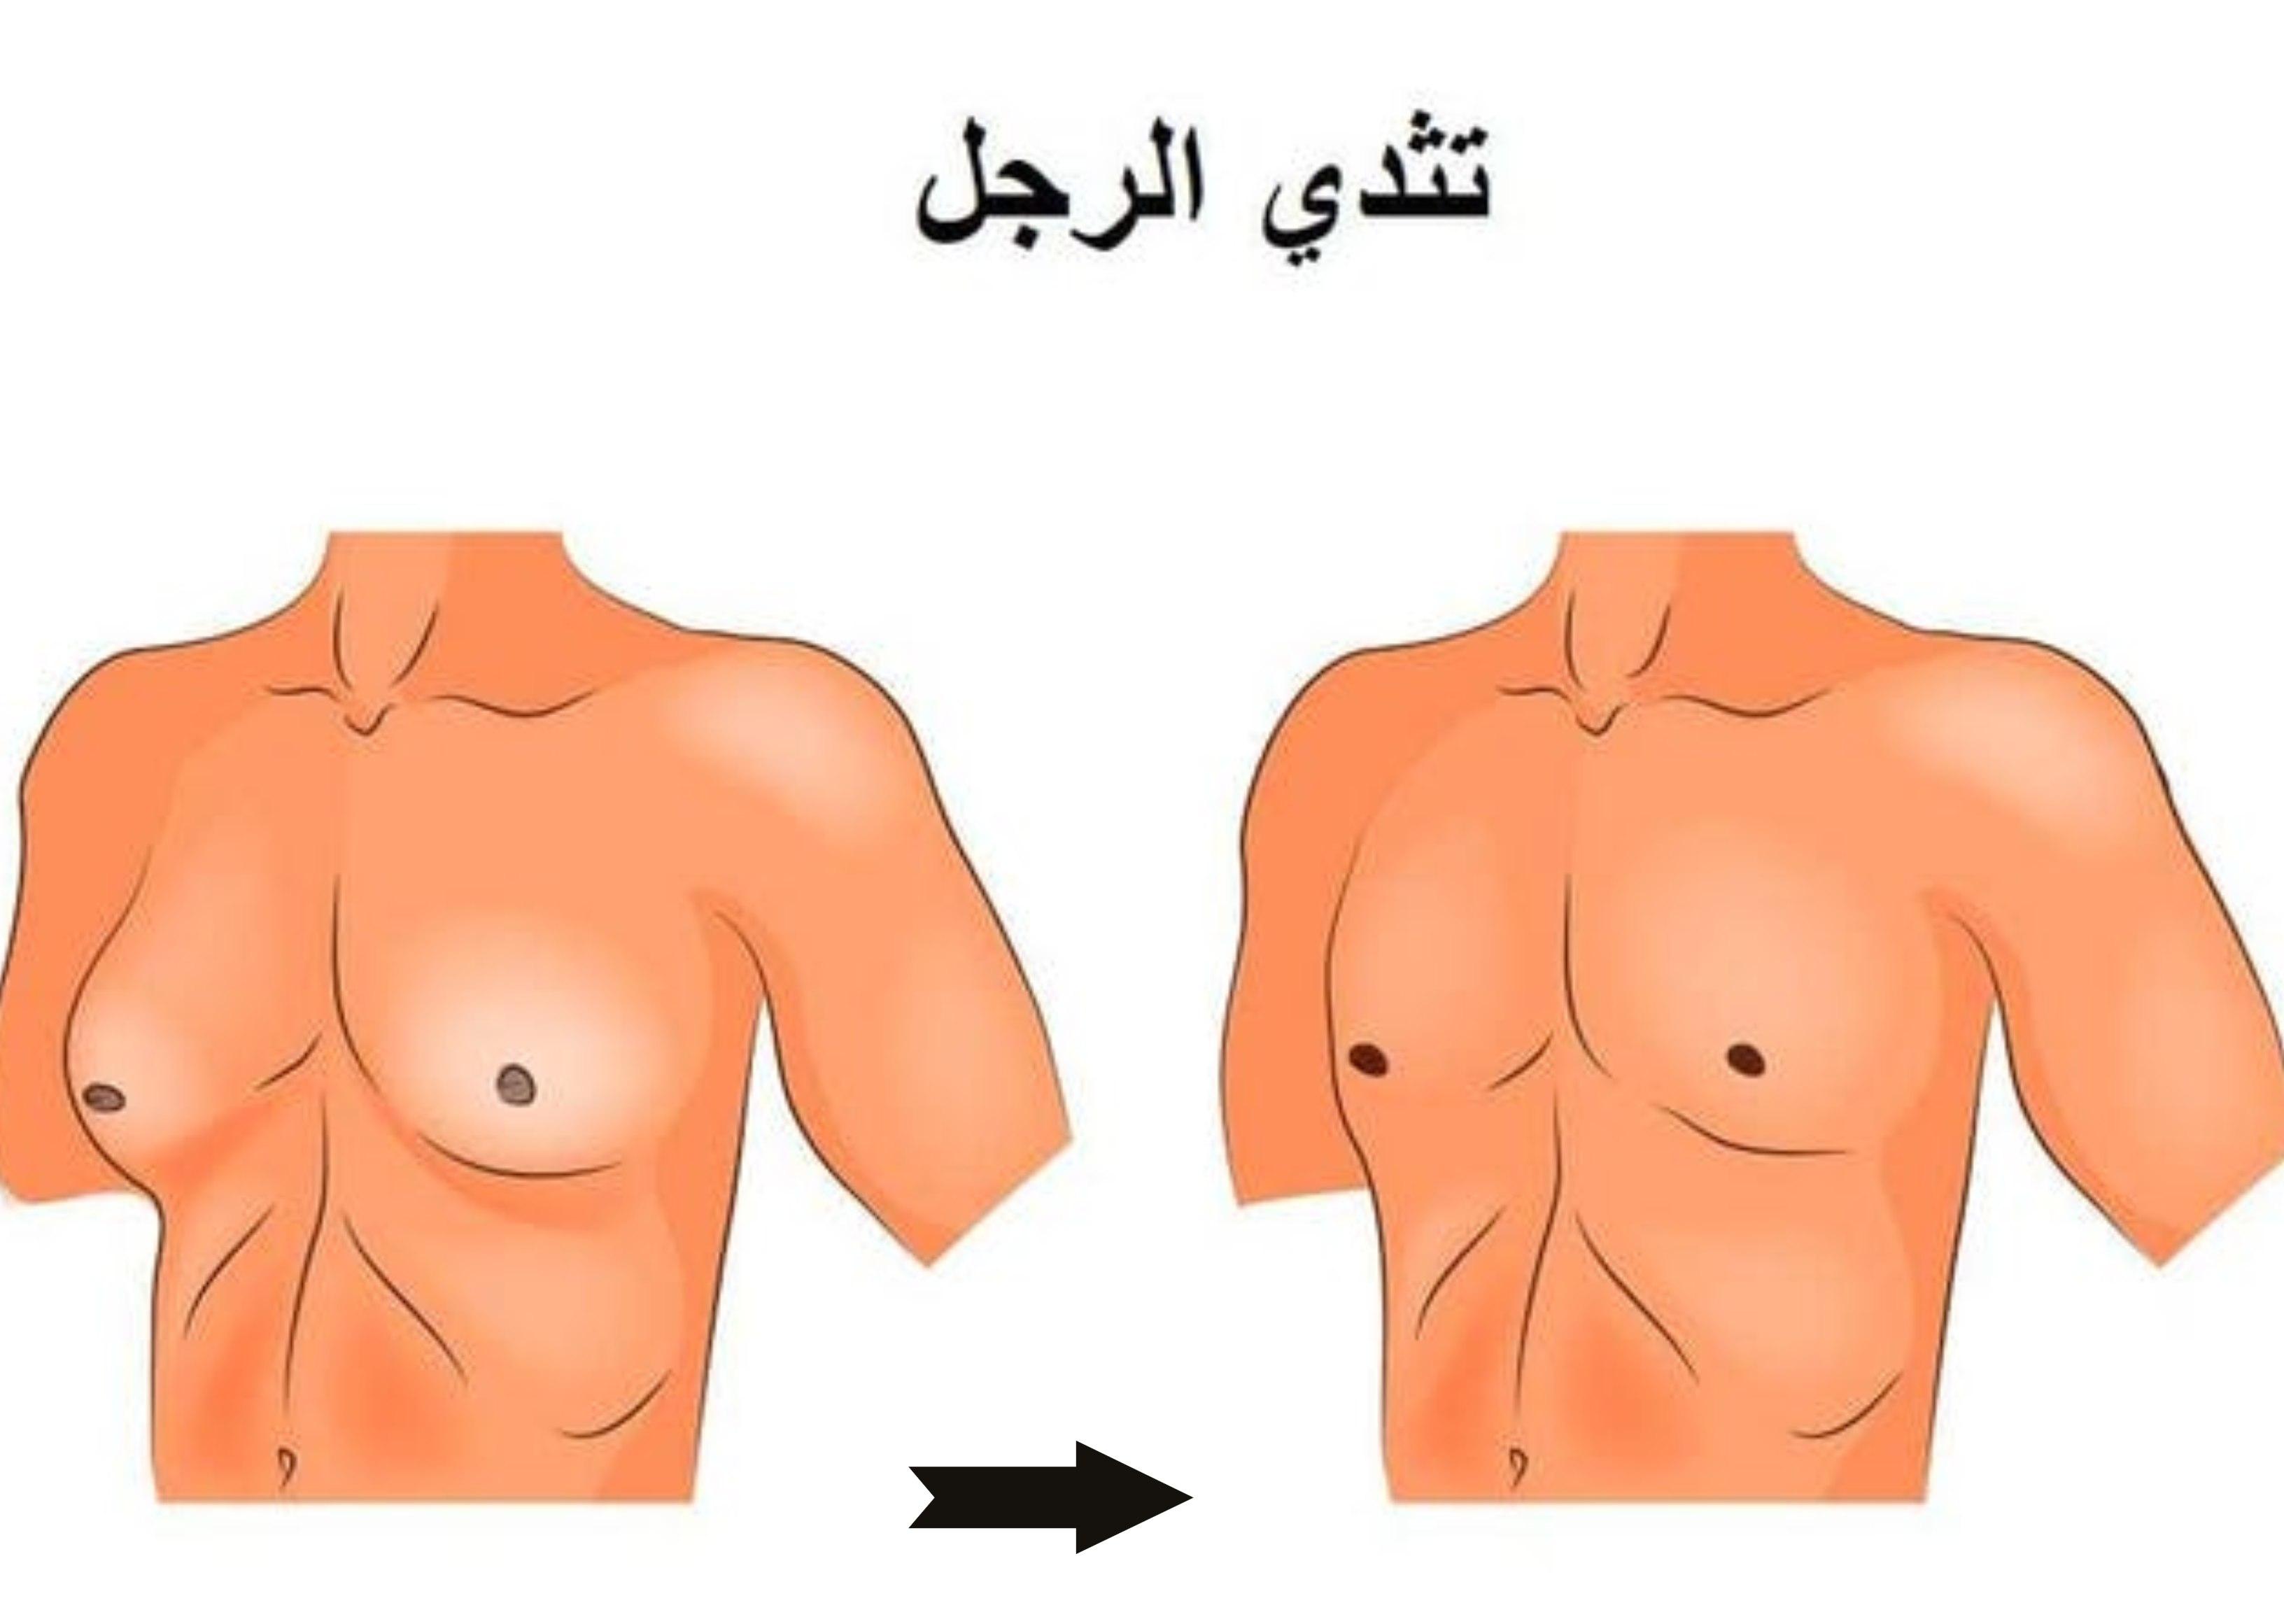 علاج التثدي للرجال بدون جراحة3